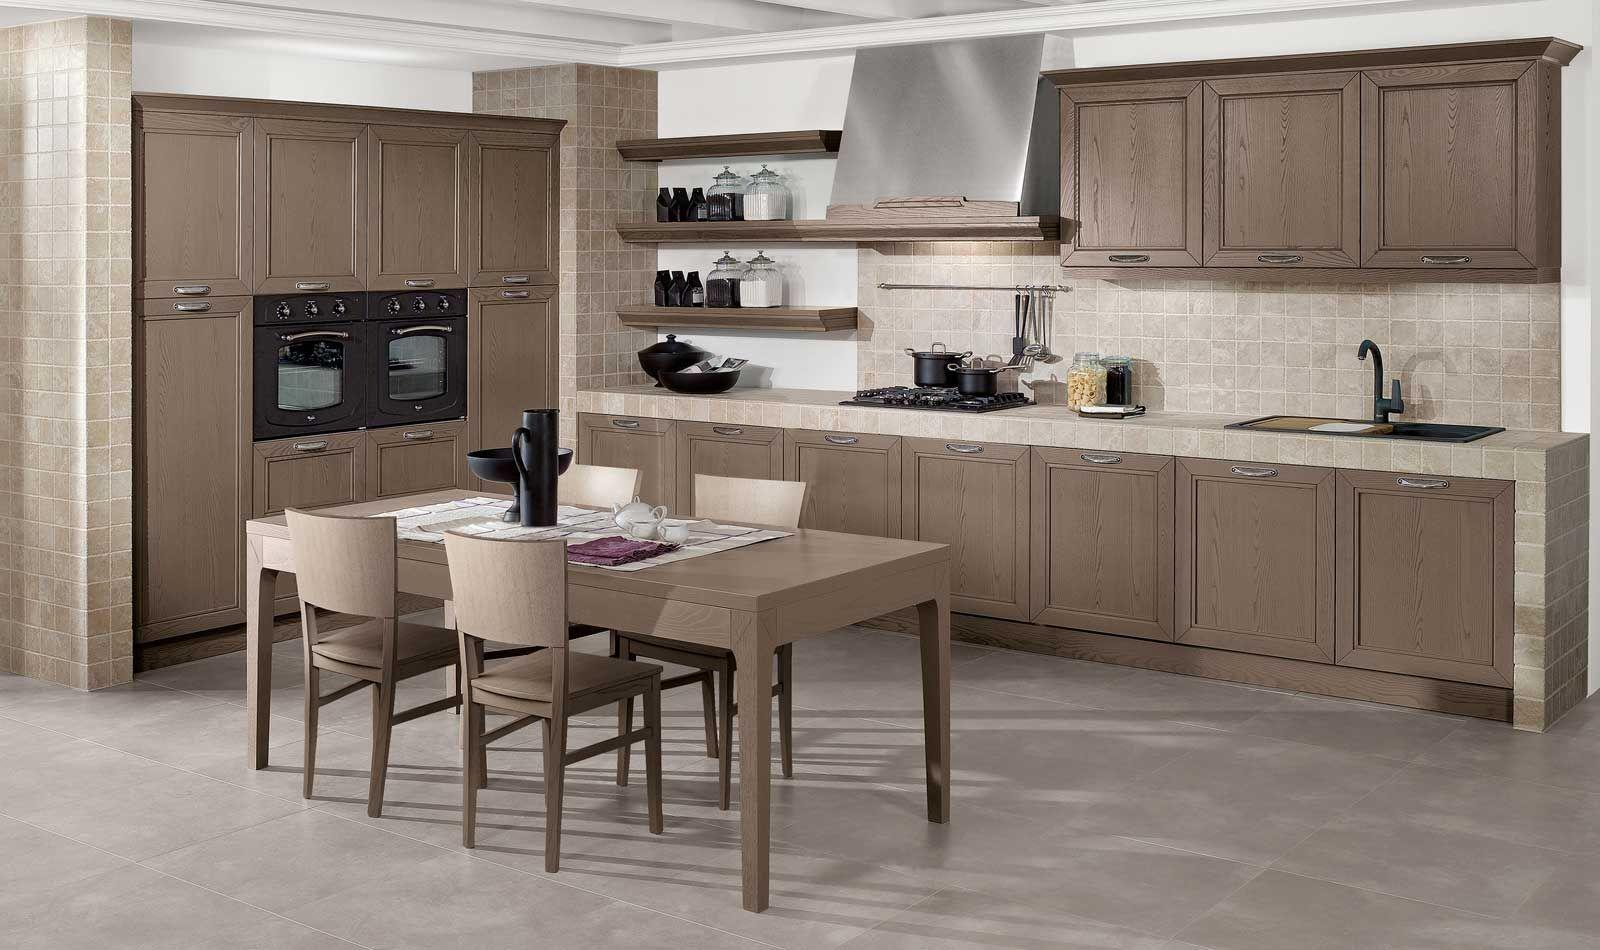 Arredo3 cucine moderne cucine classiche cucina cucine - Cucine in veranda ...